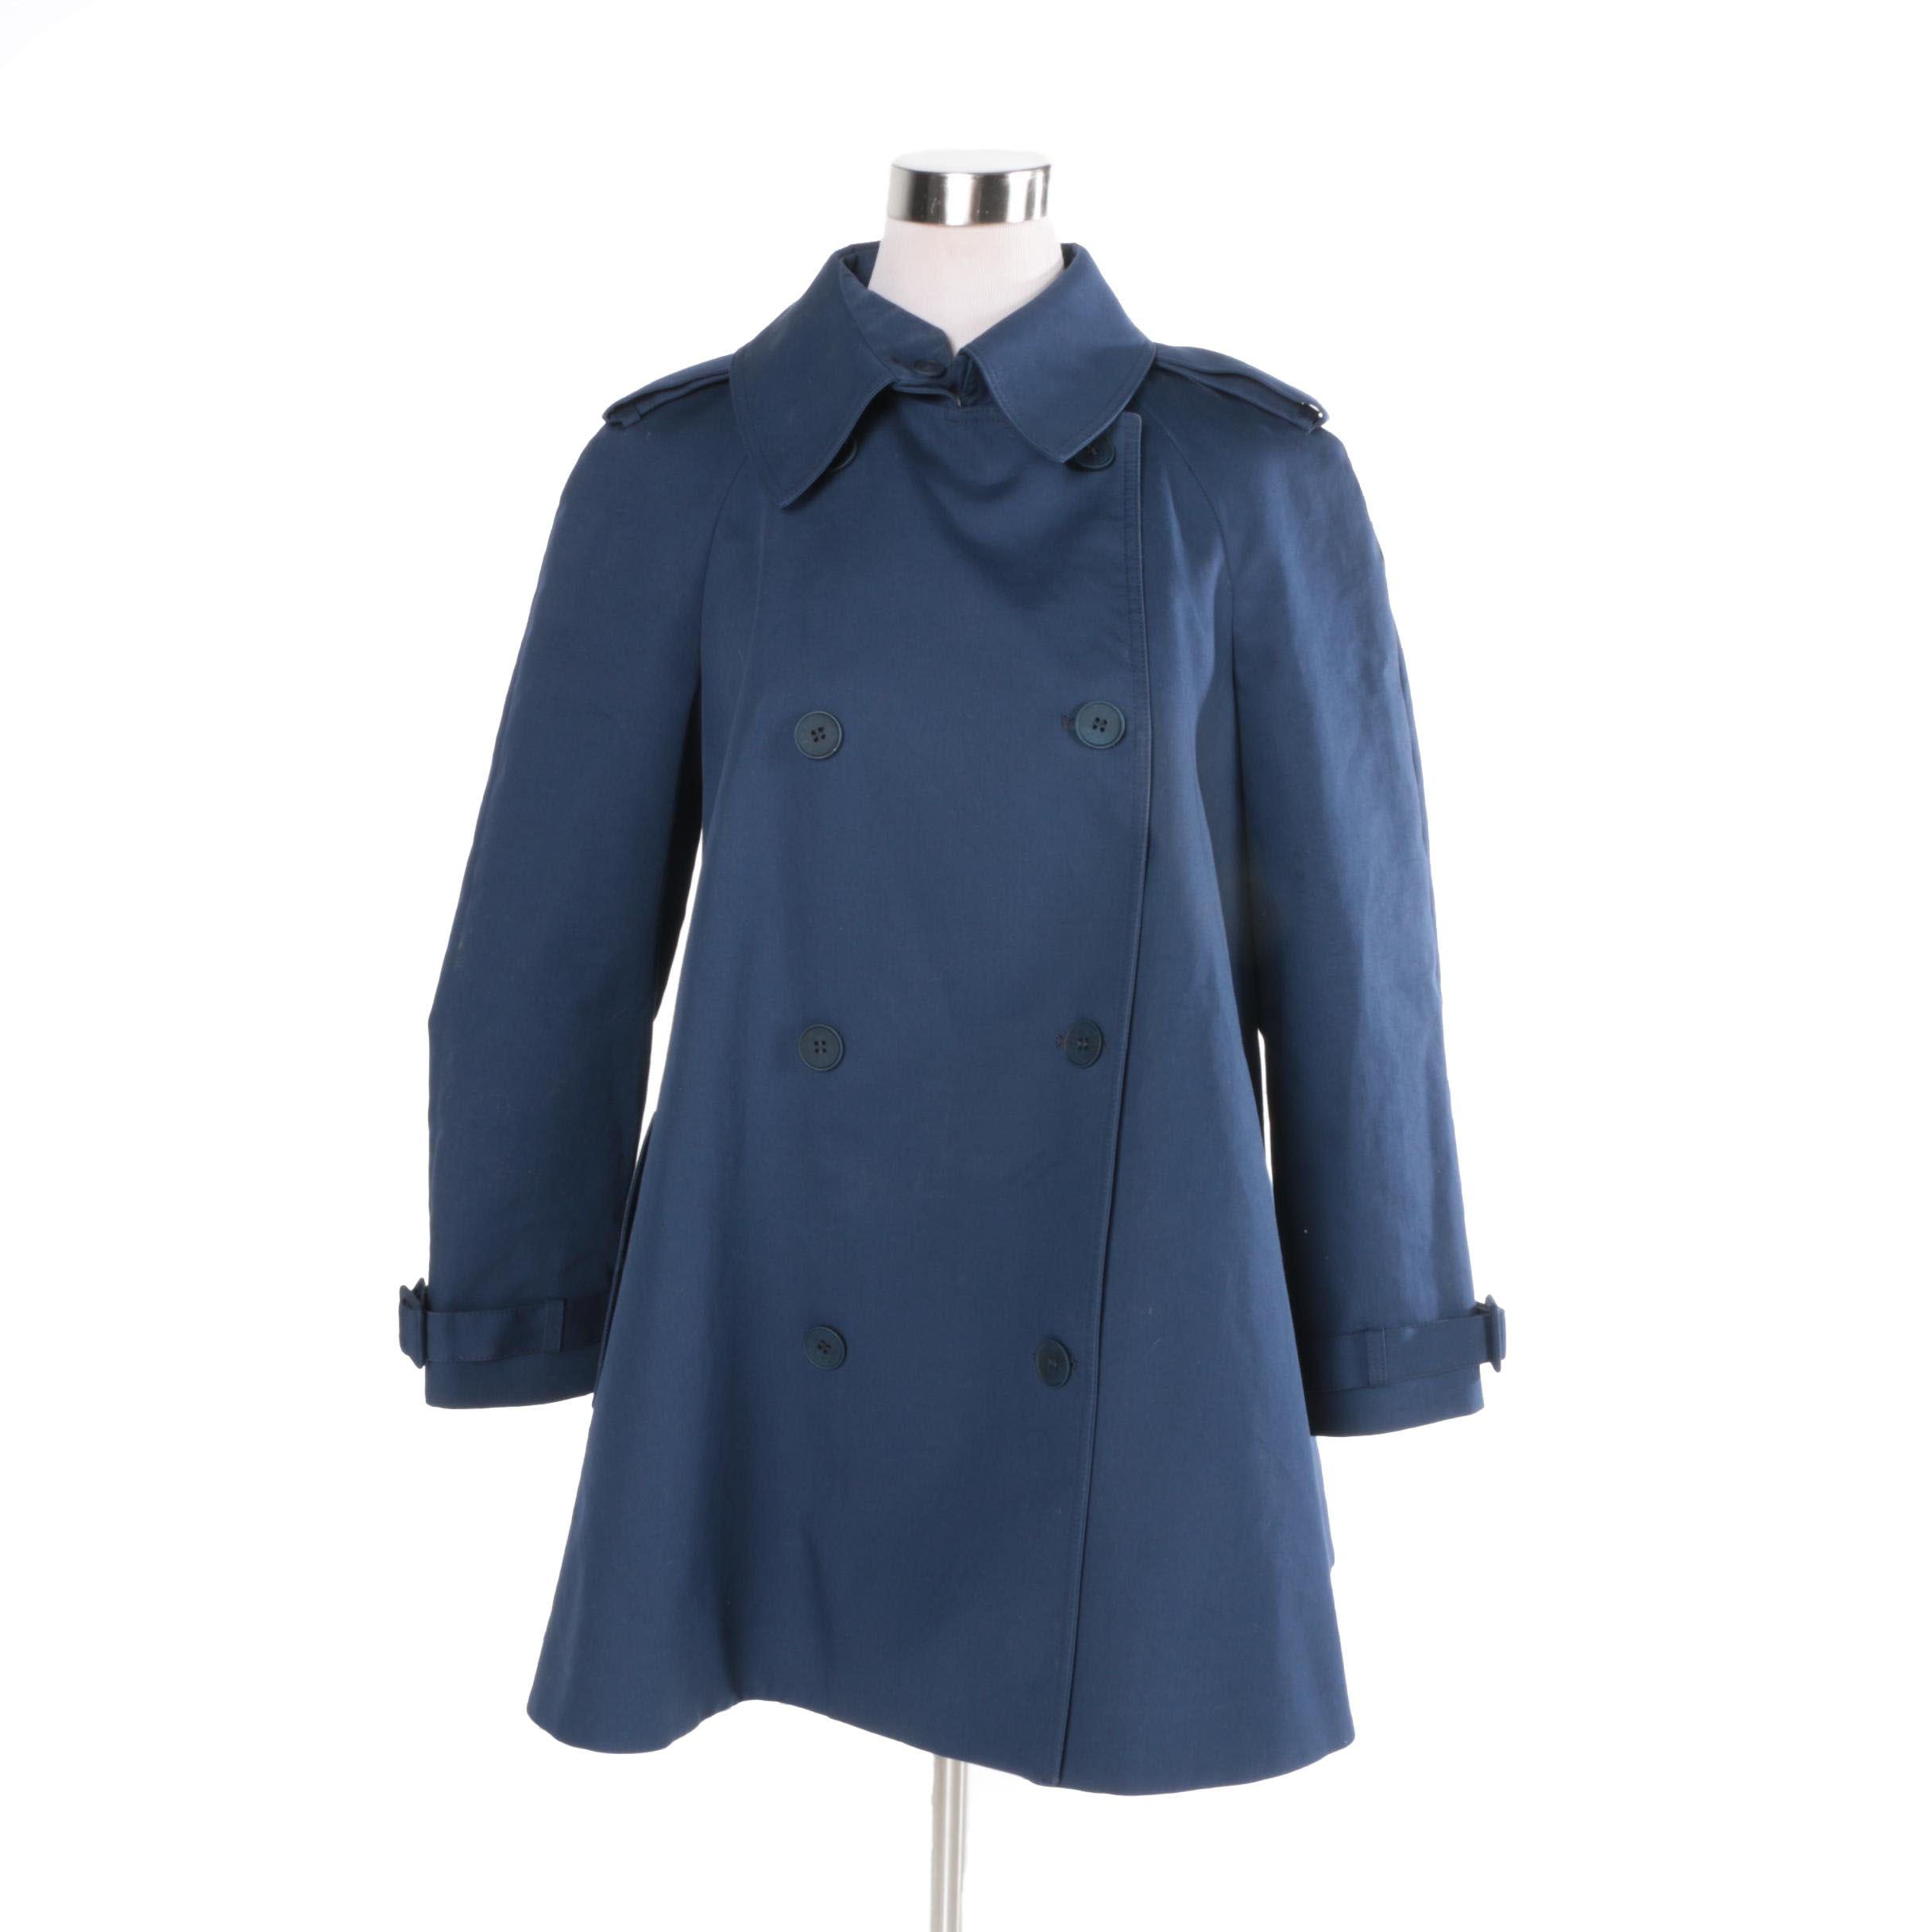 Women's Stella McCartney Blue Cotton Double-Breasted Swing Coat